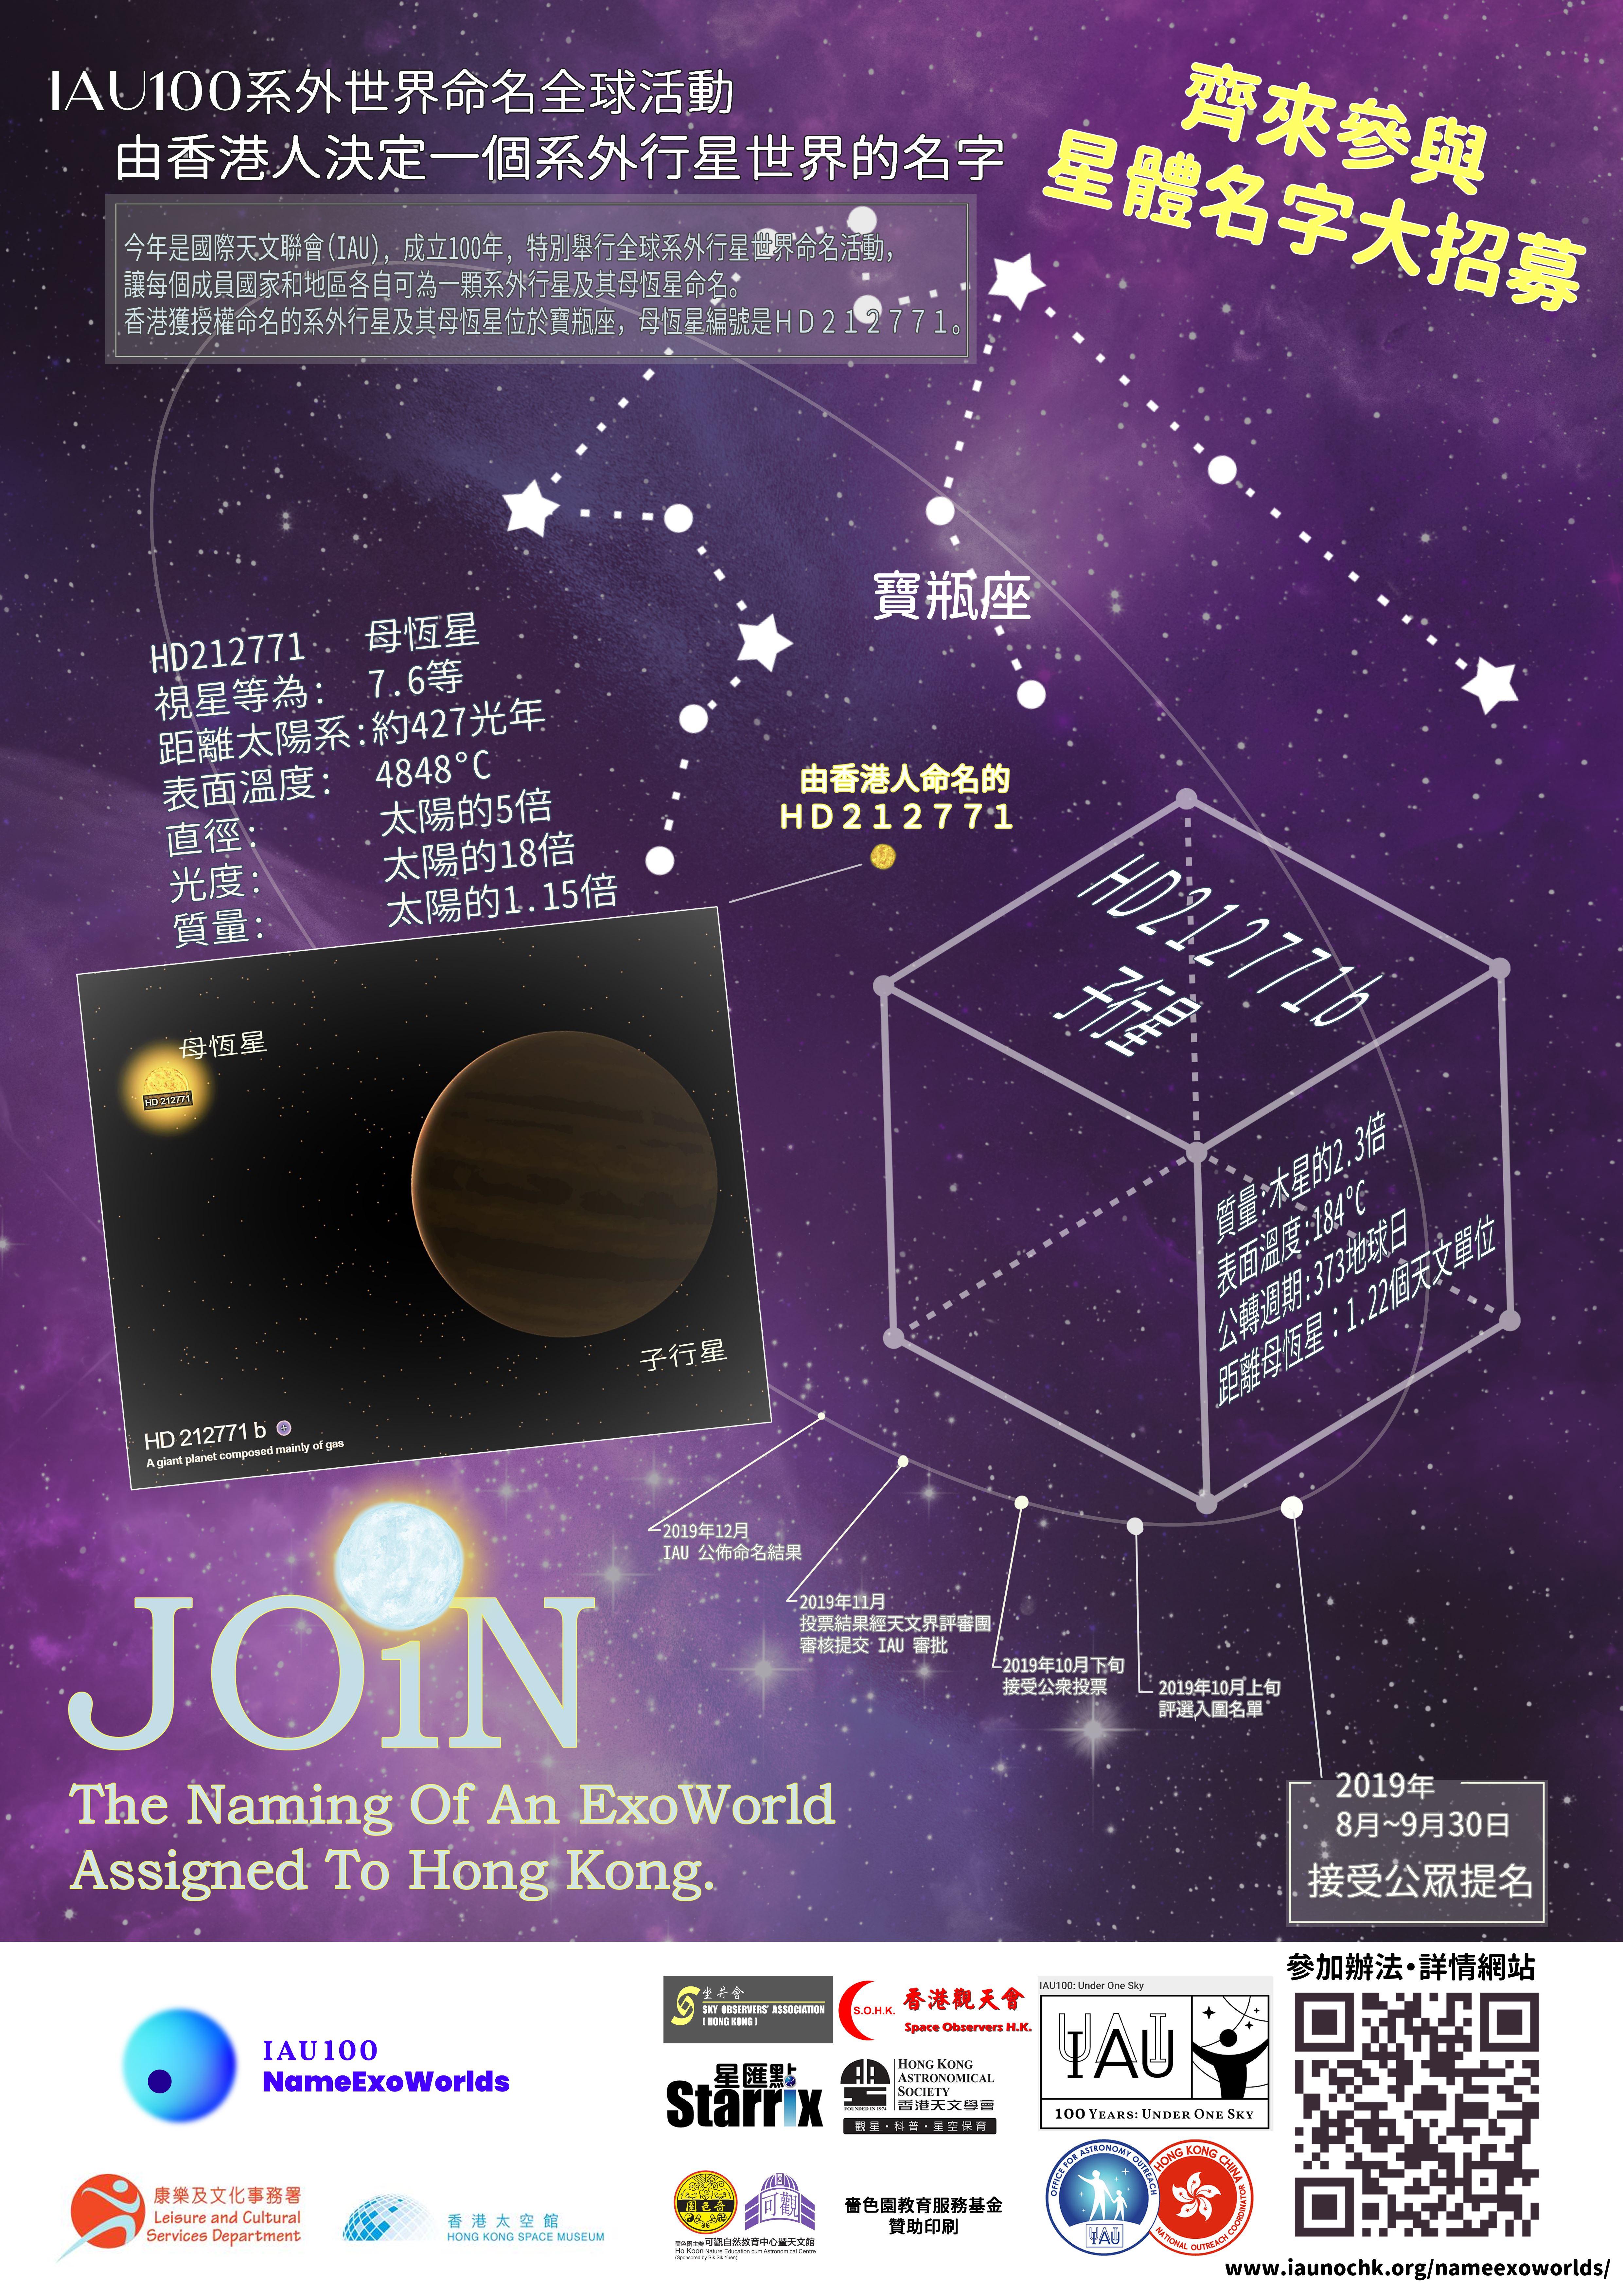 系外世界命名活動香港地區發佈講座